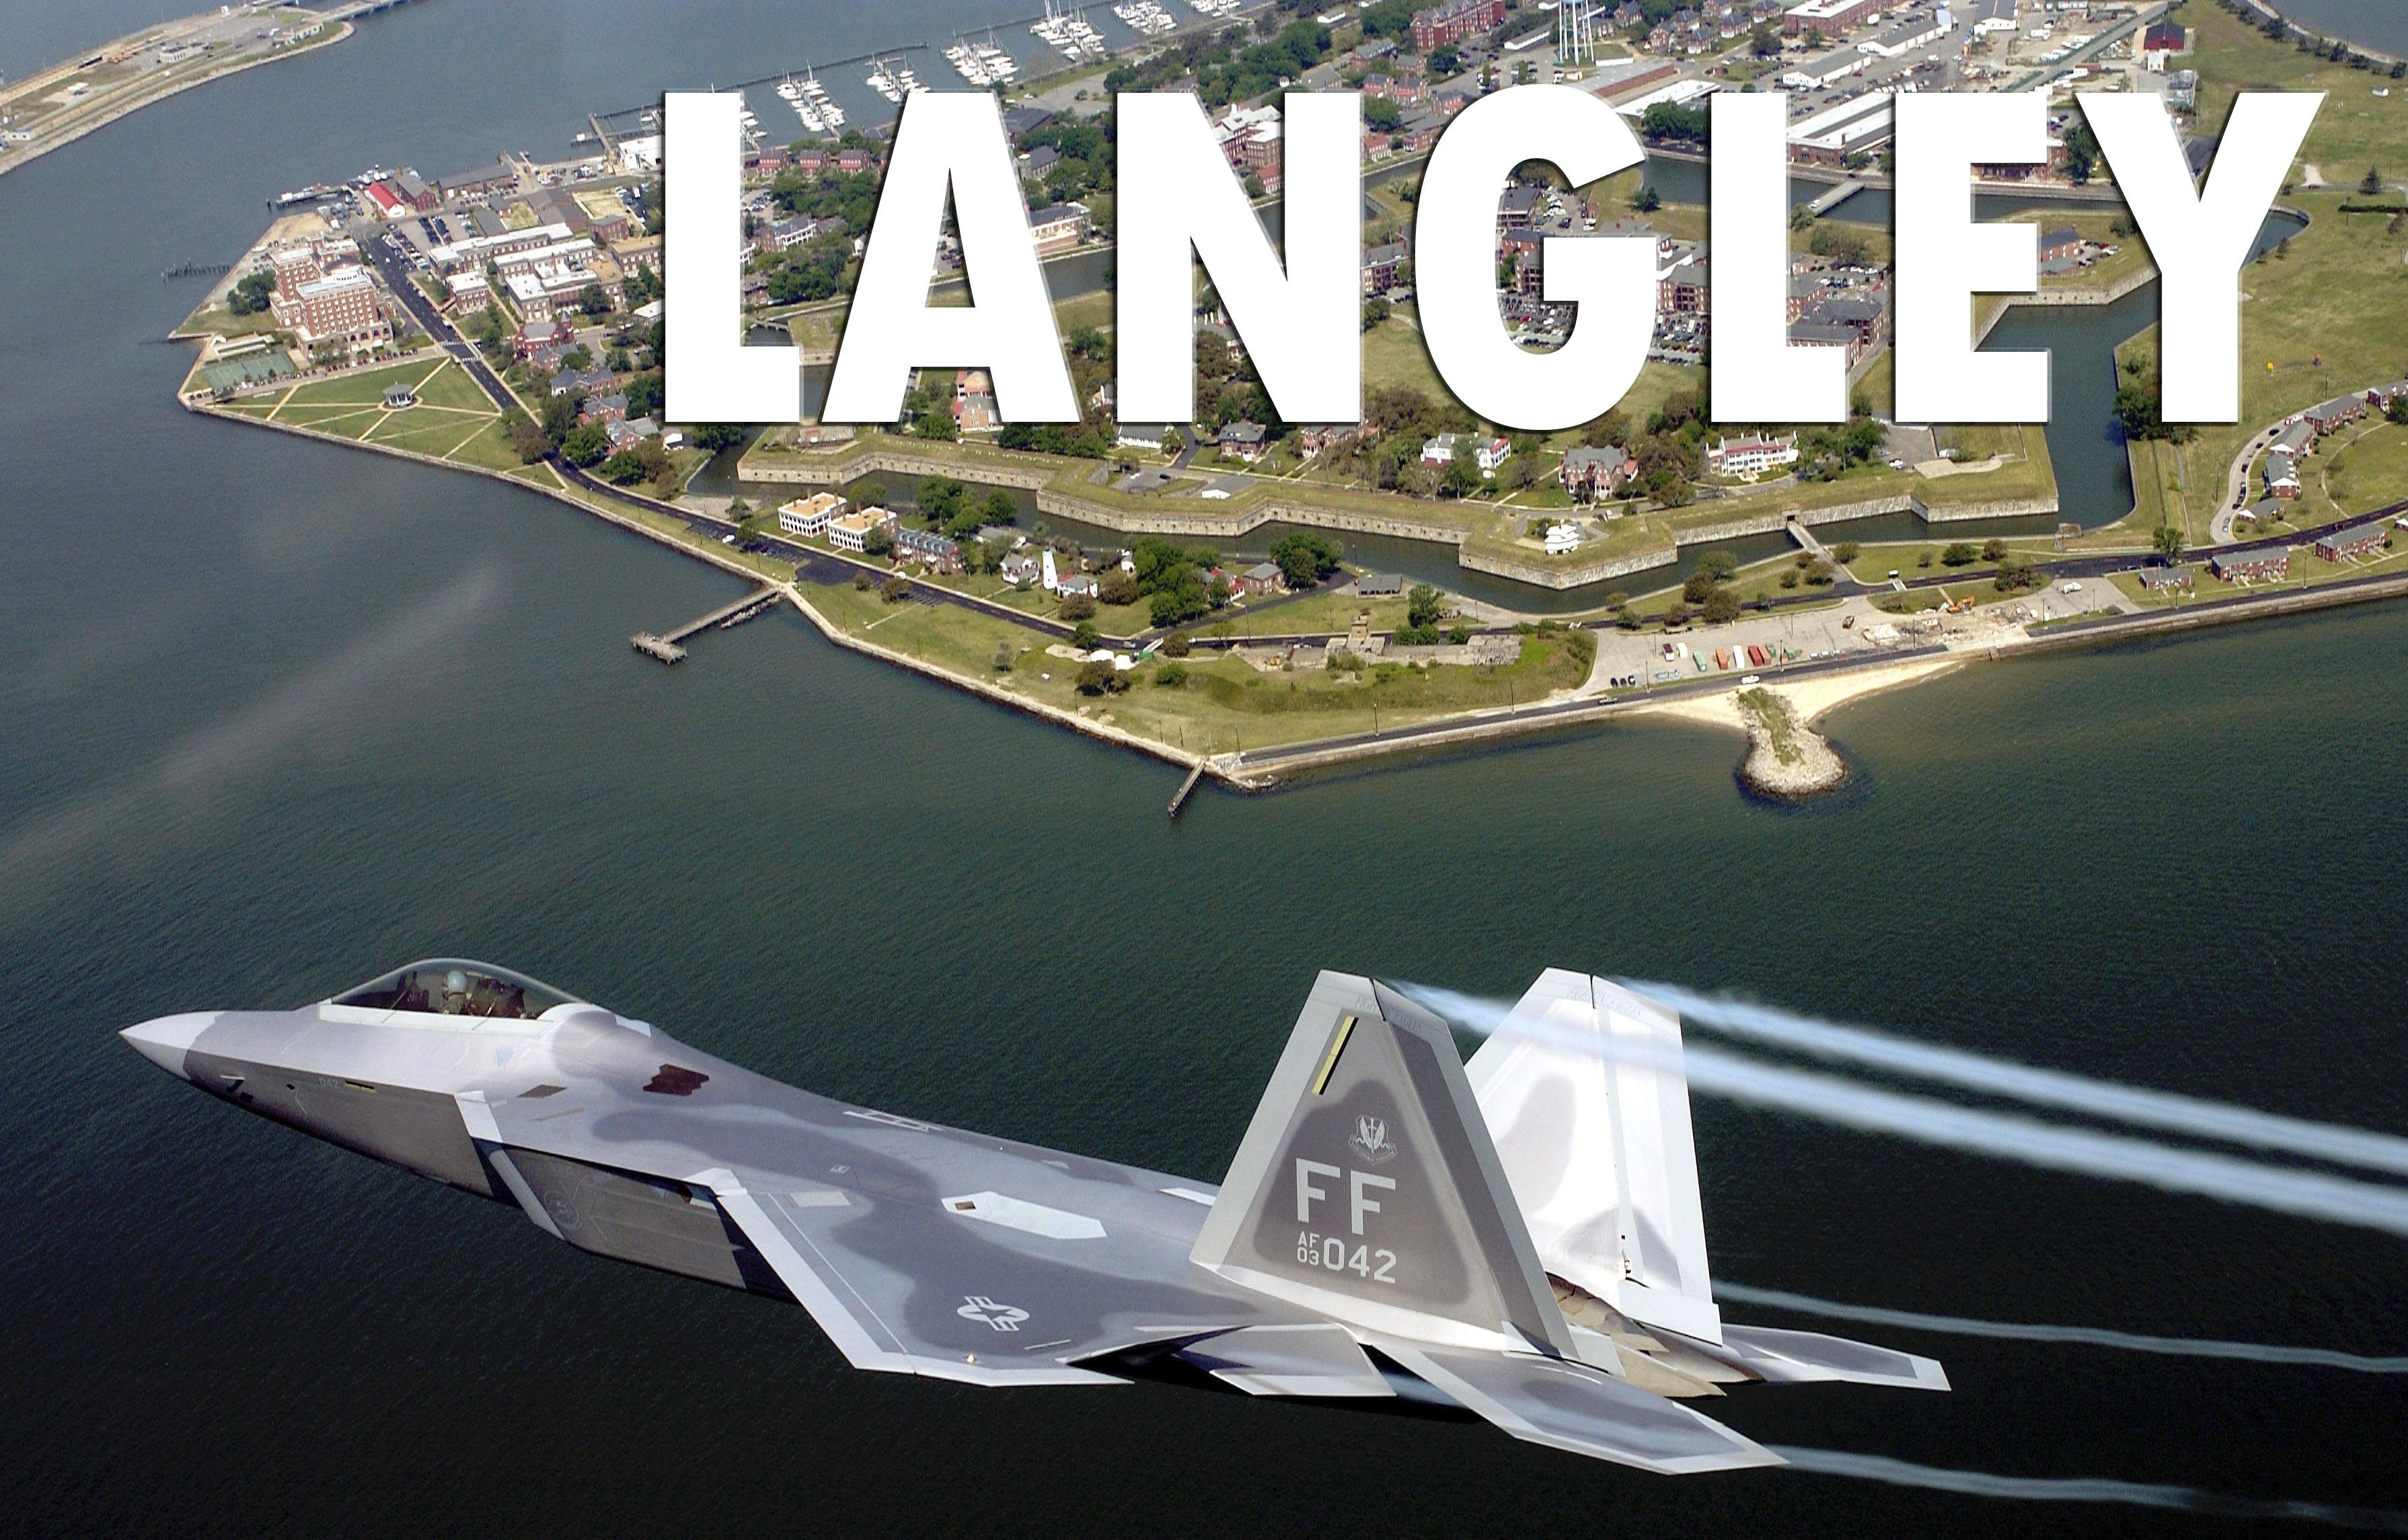 langley afb nasa - photo #9